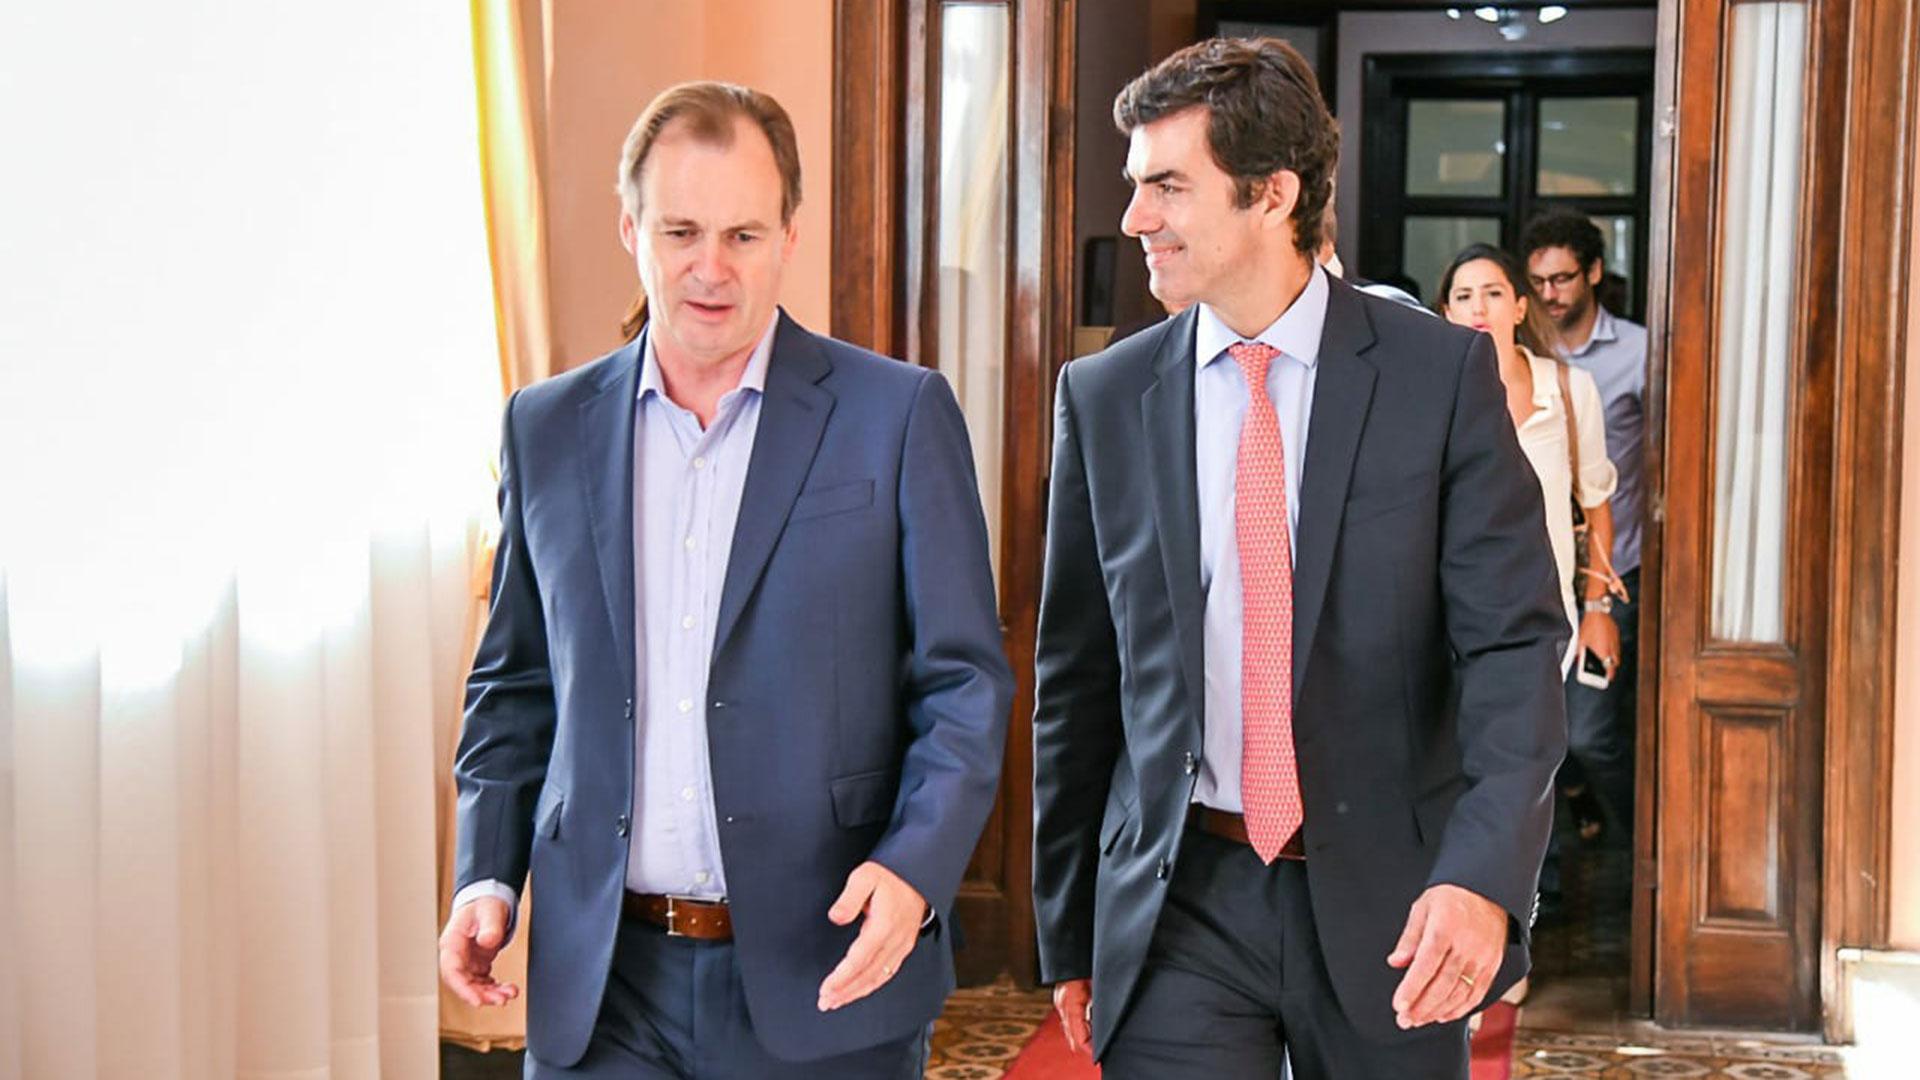 El mandatario entrerriano ratificó su pertenencia a Alternativa Federal después del triunfo en las PASO